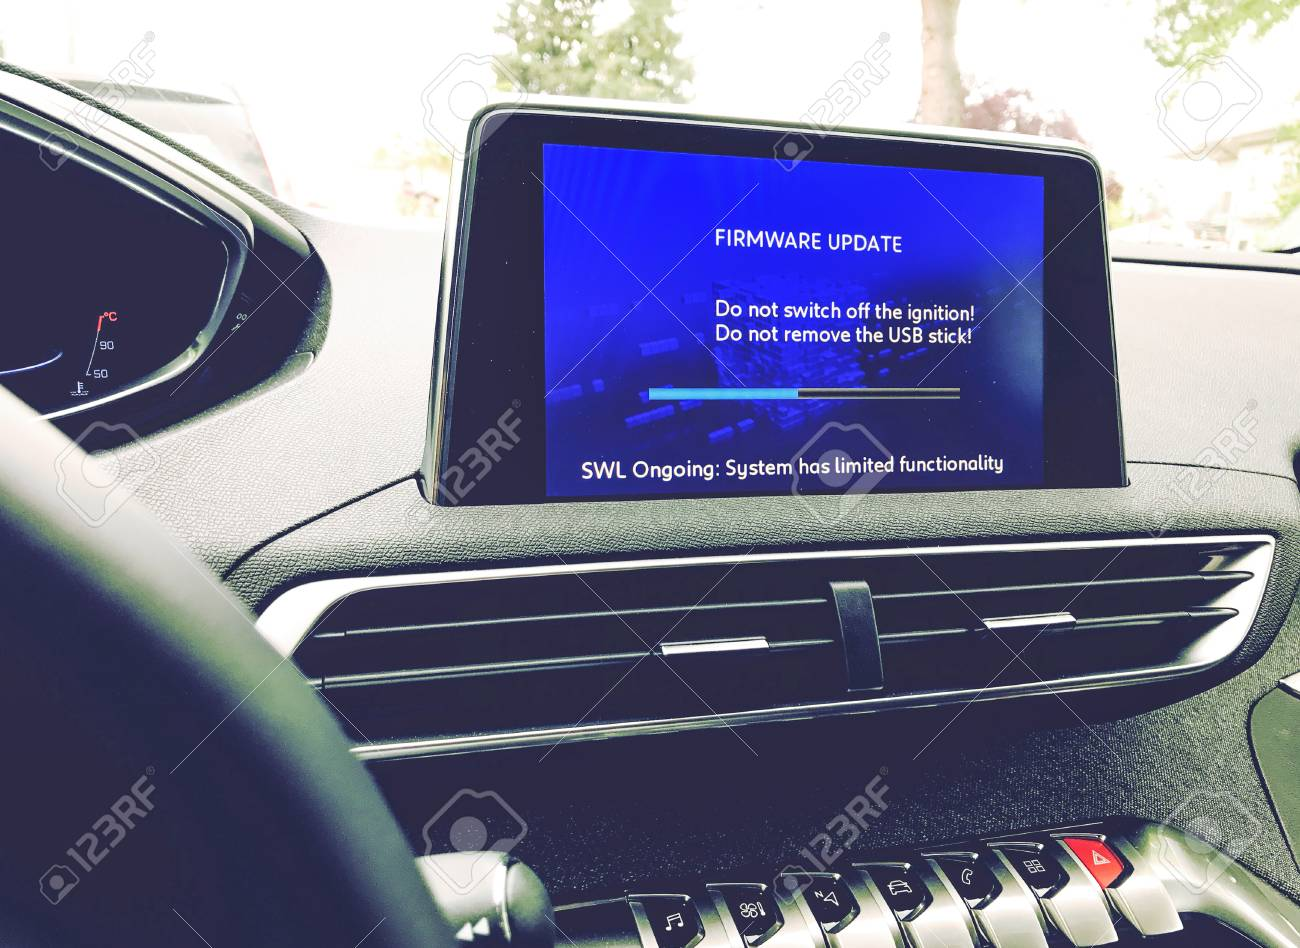 Firmware update on a modern car